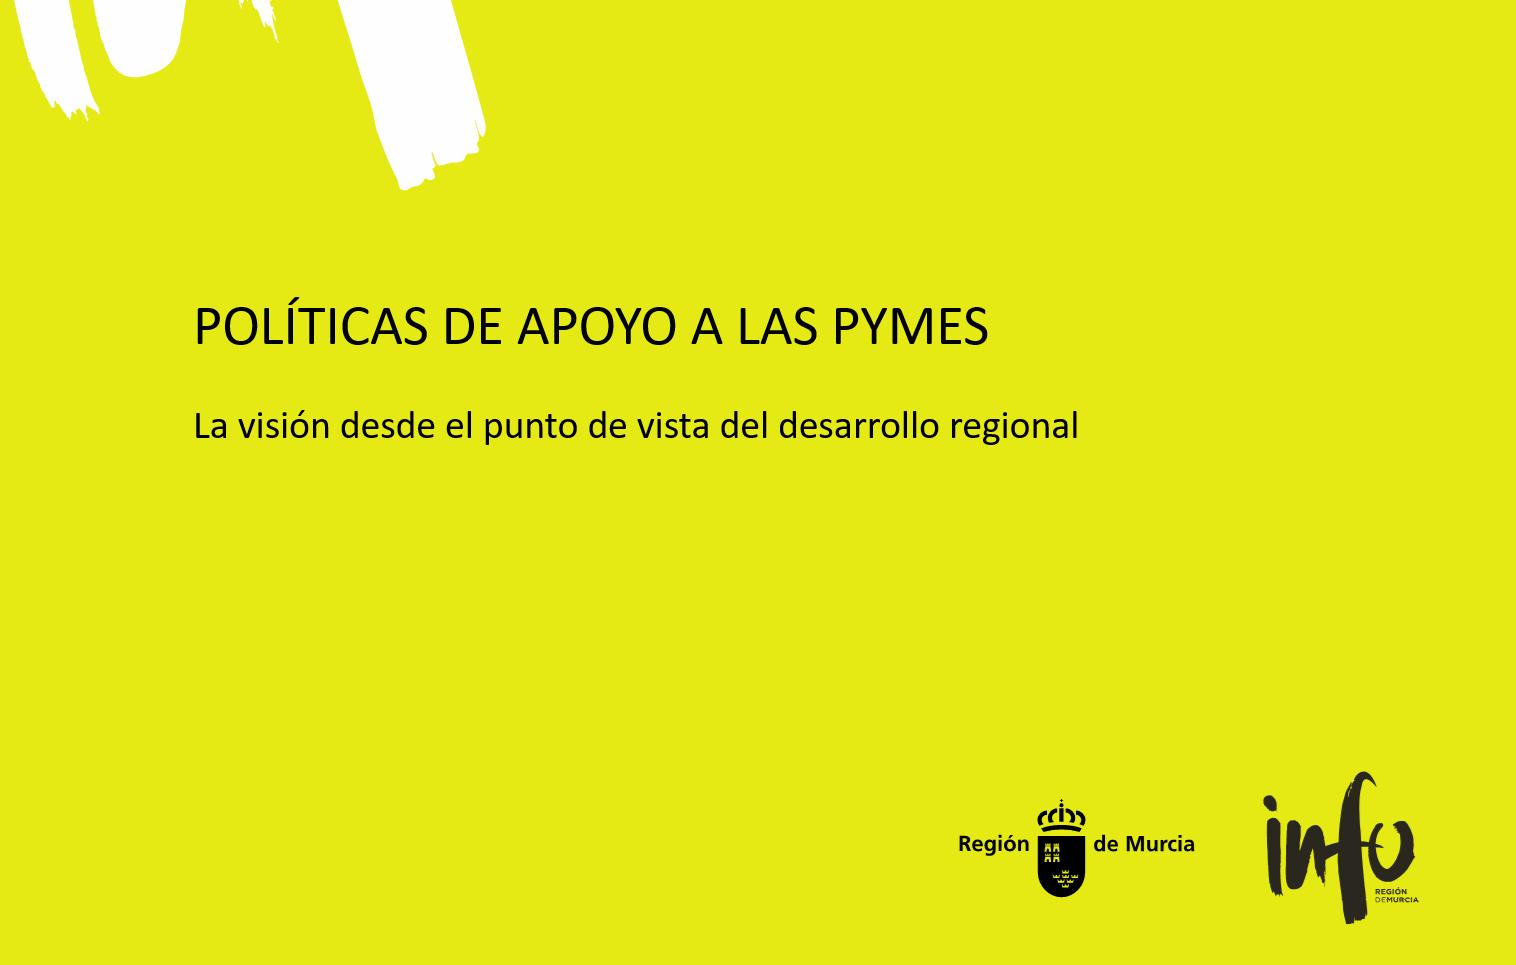 politicas de apoyo a las pymes